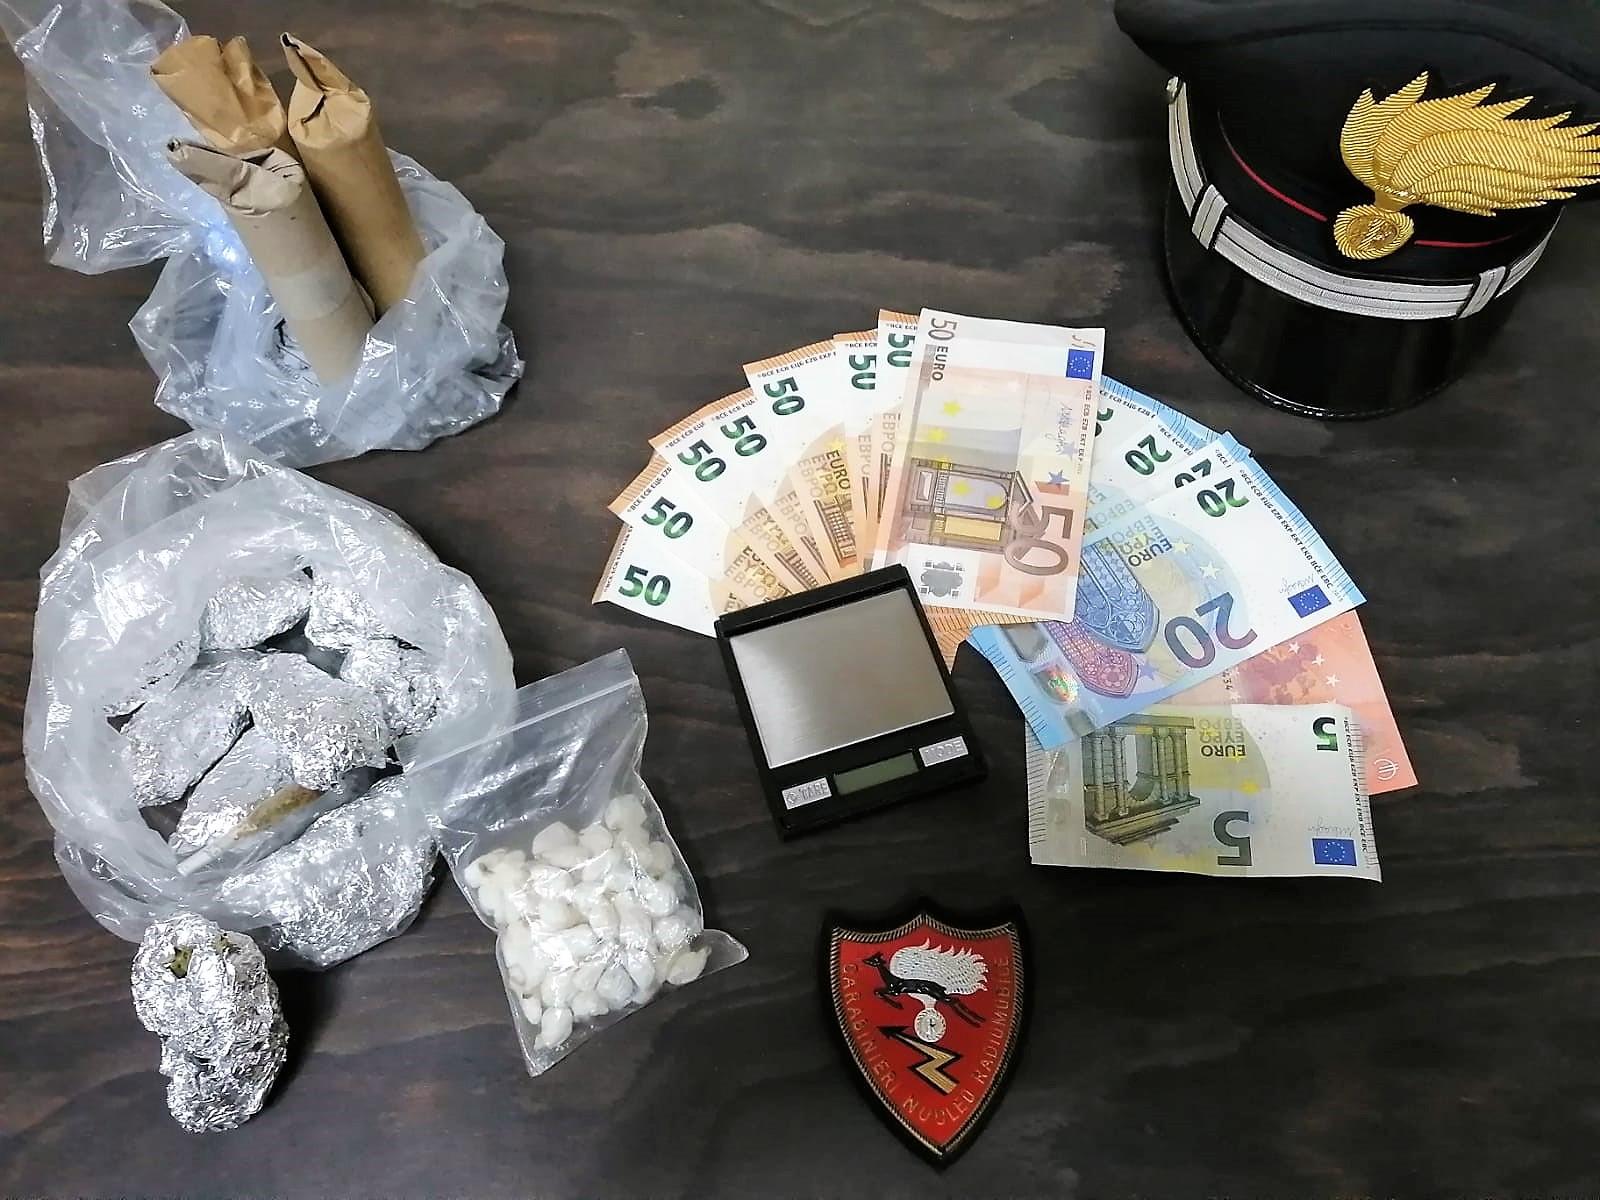 Riposto, droga e denaro negli slip: arrestato un 16enne, denunciato l'amico di 19 anni